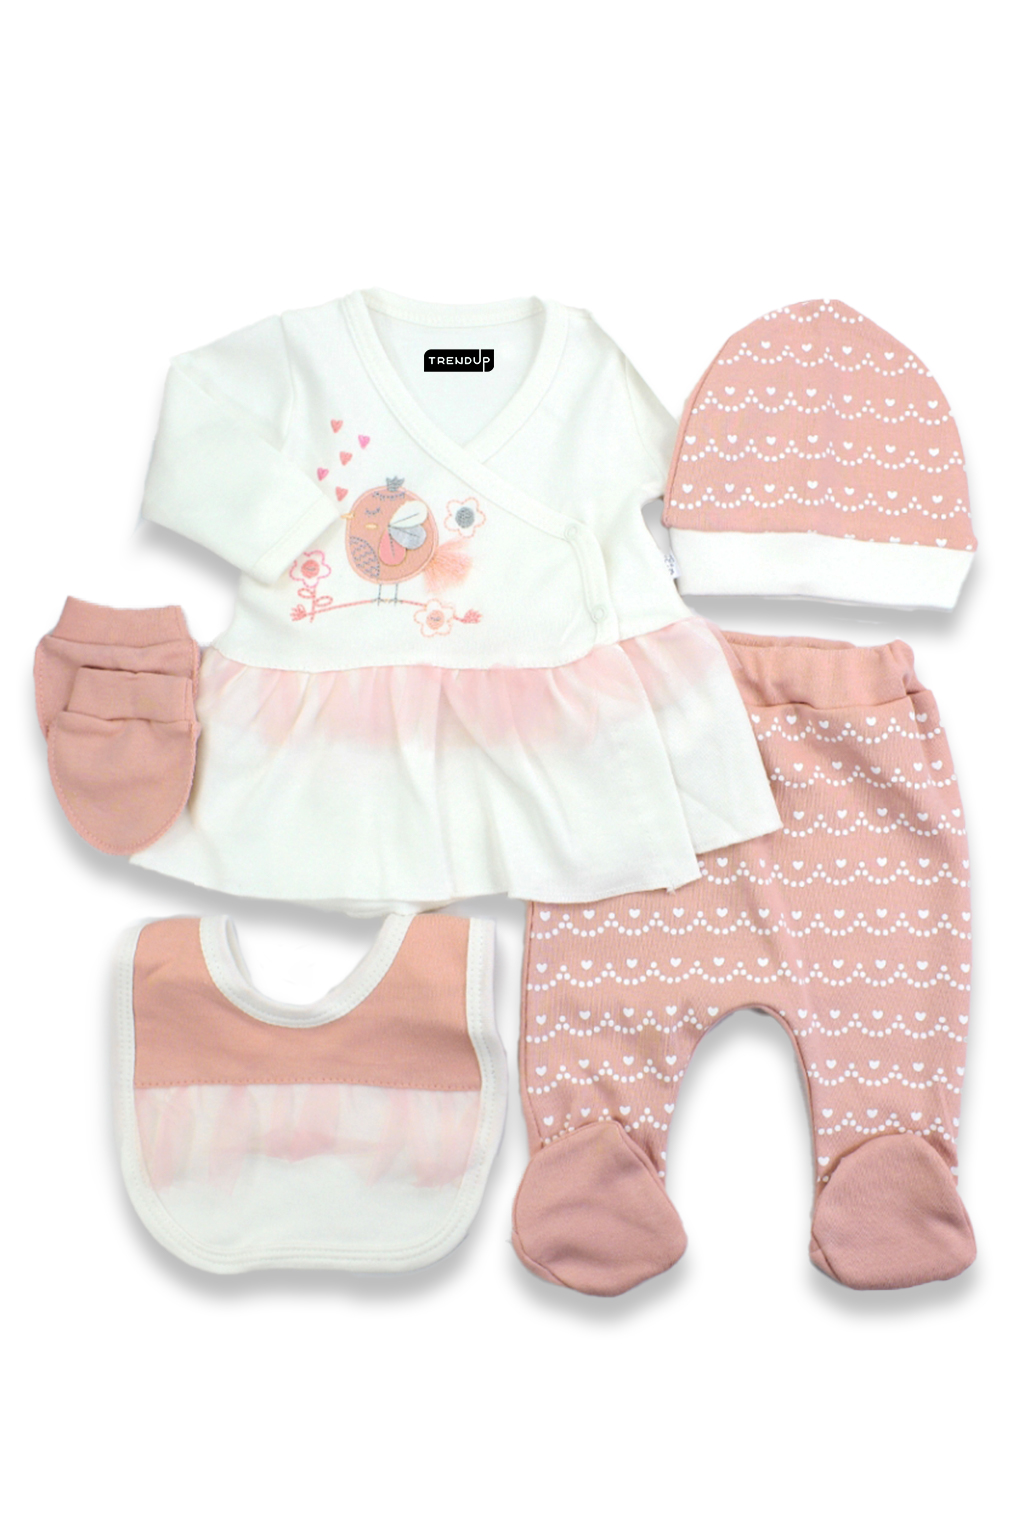 5-dílná kojenecká souprava lososová růžová